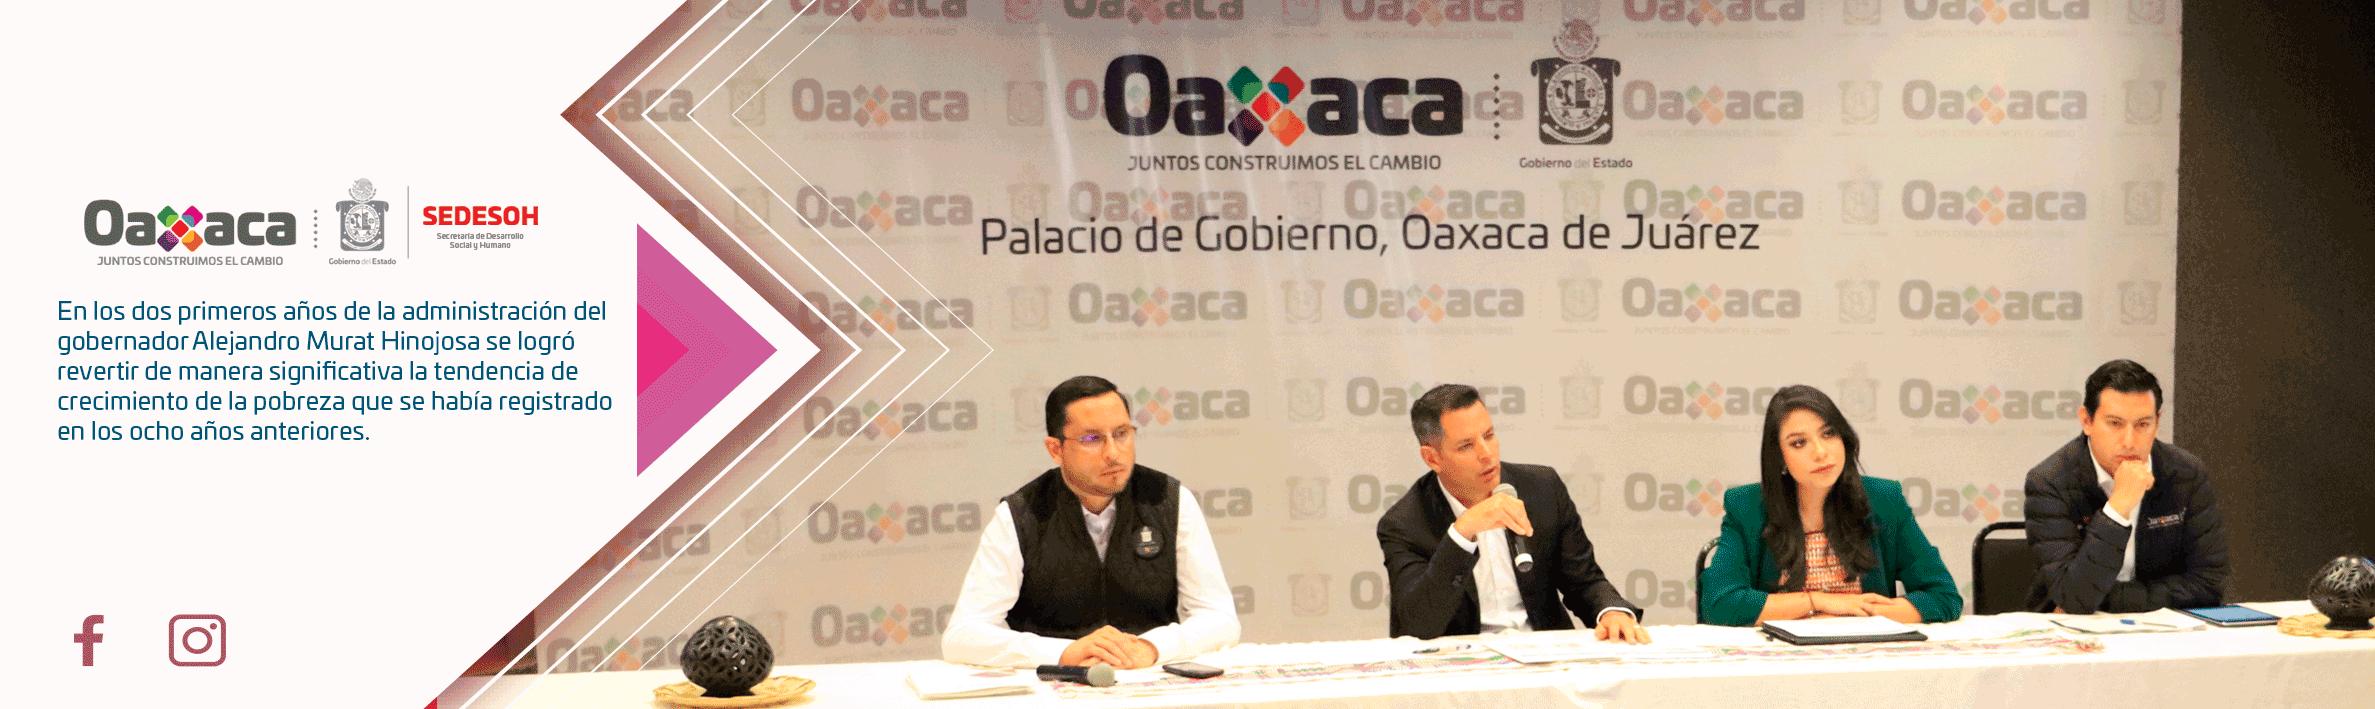 En los dos primeros años de la administración del gobernador Alejandro Murat Hinojosa